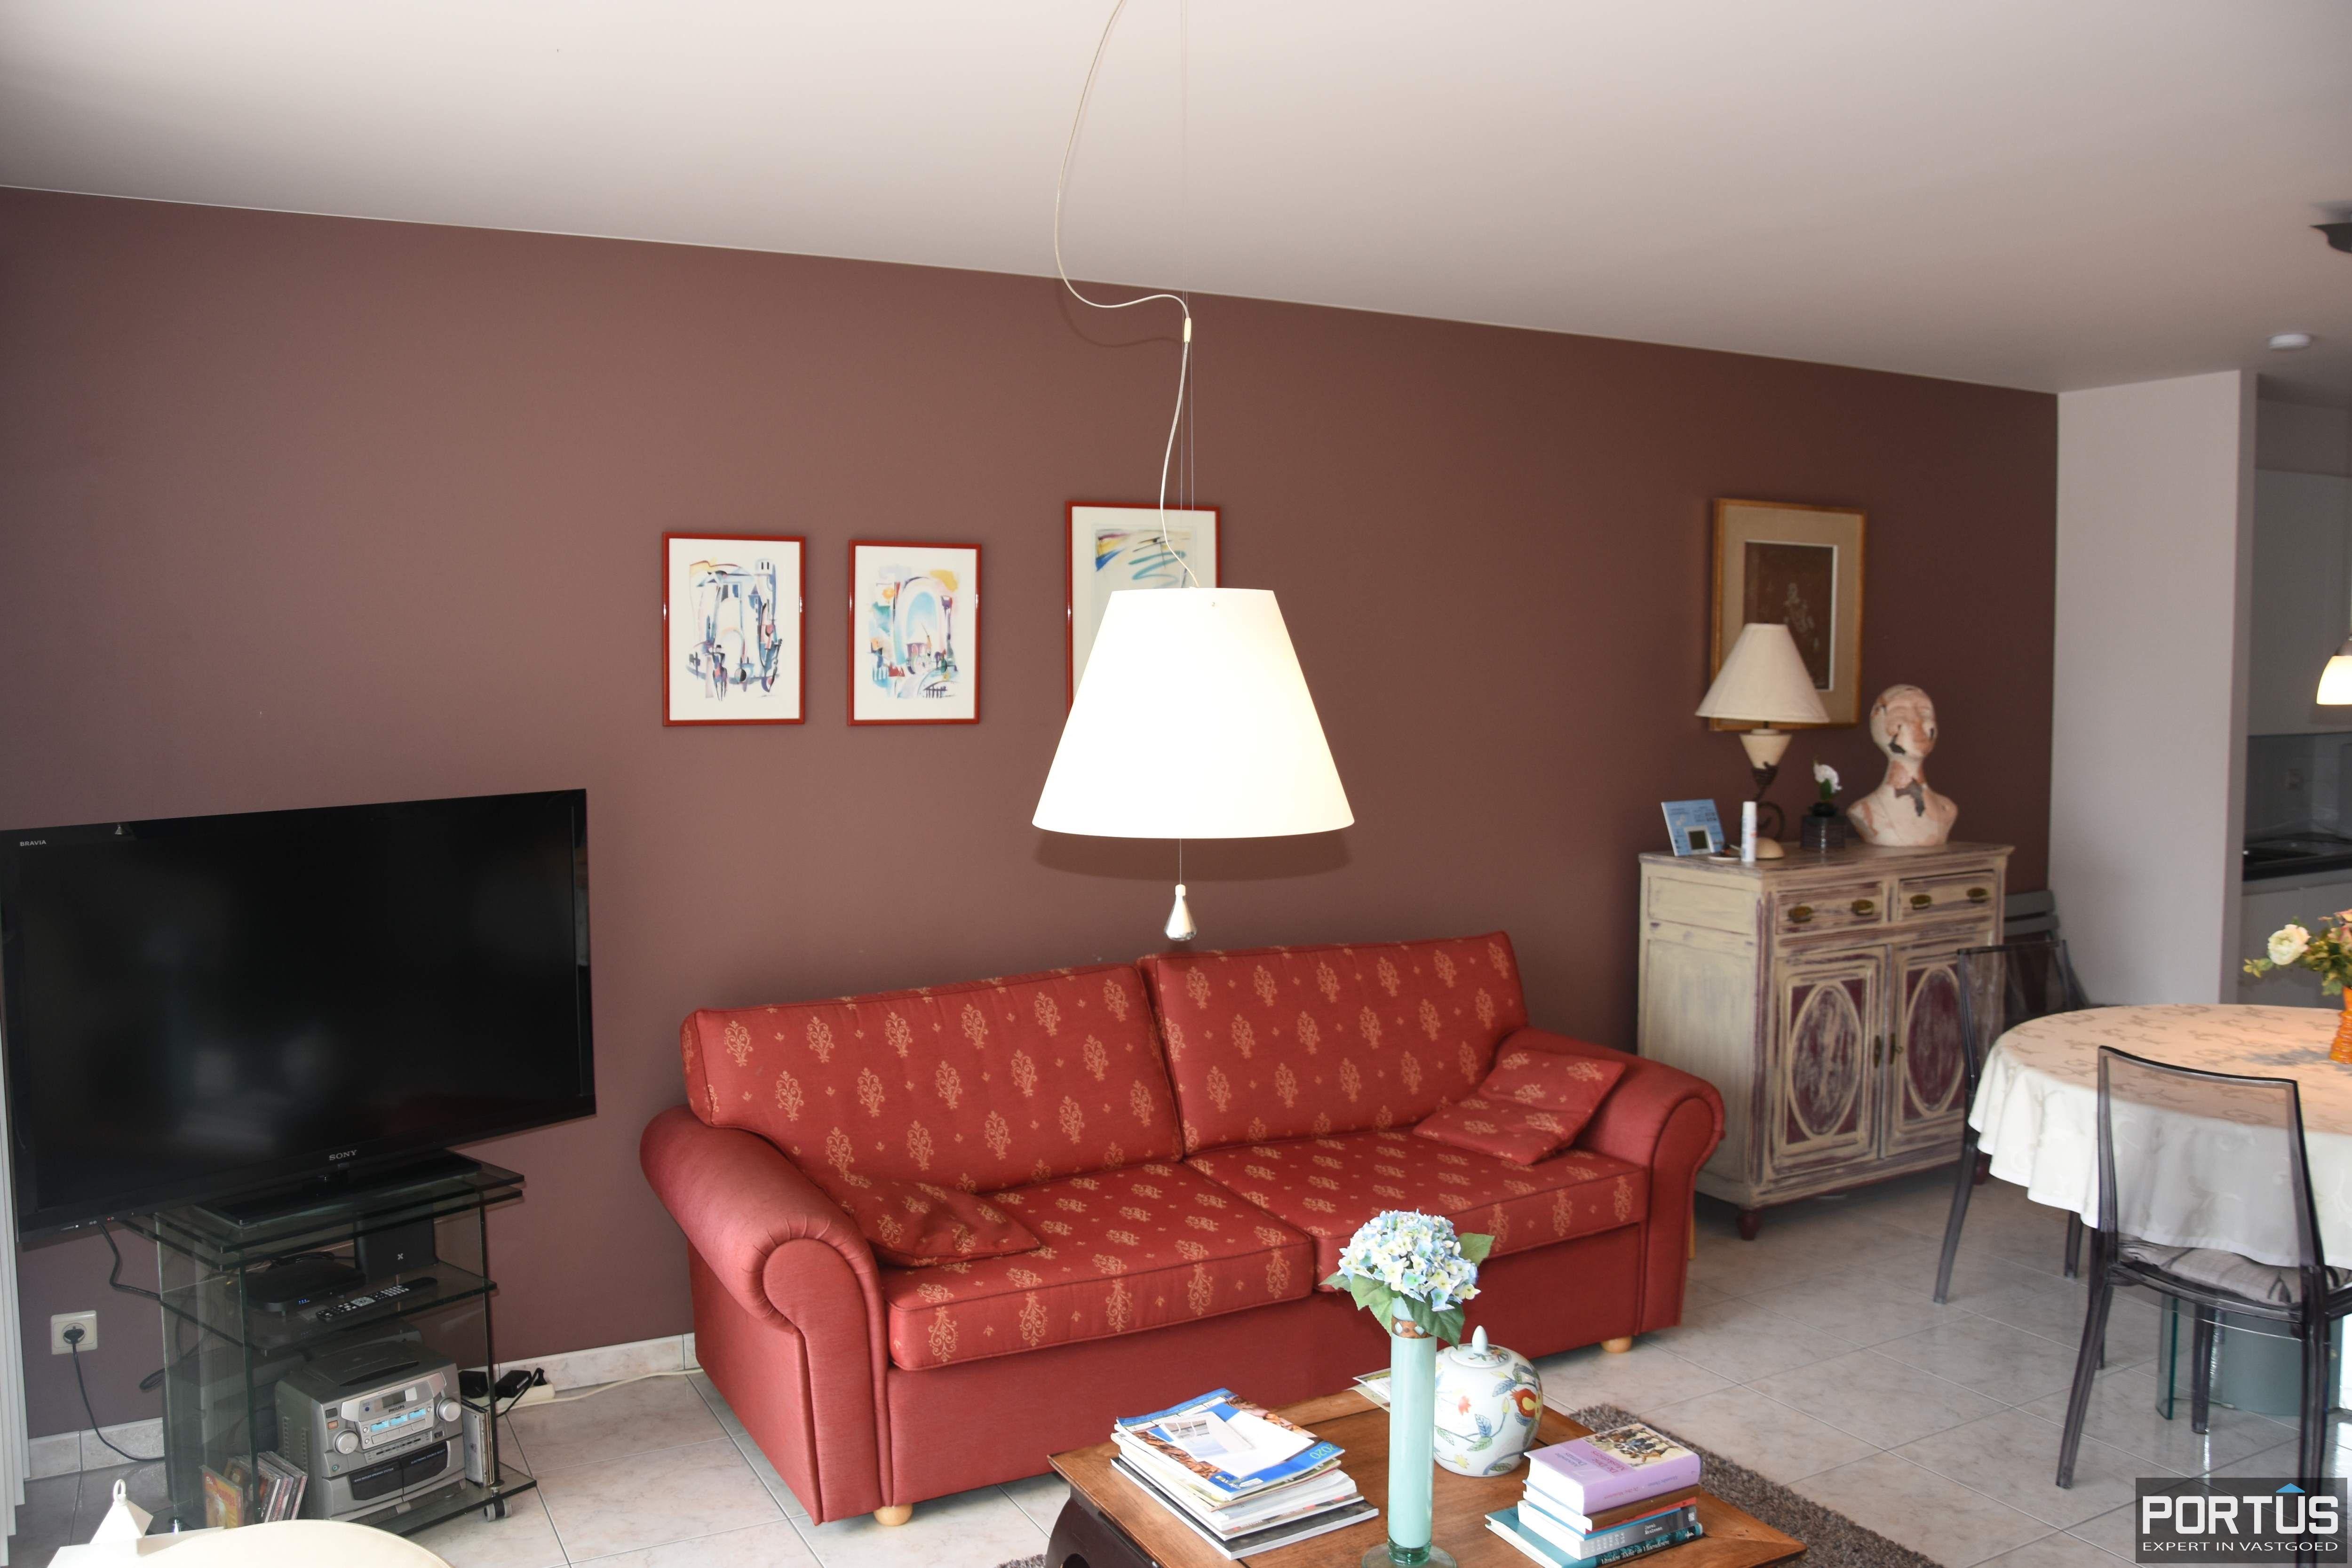 Appartement te huur met 1 slaapkamer te Nieuwpoort - 11661